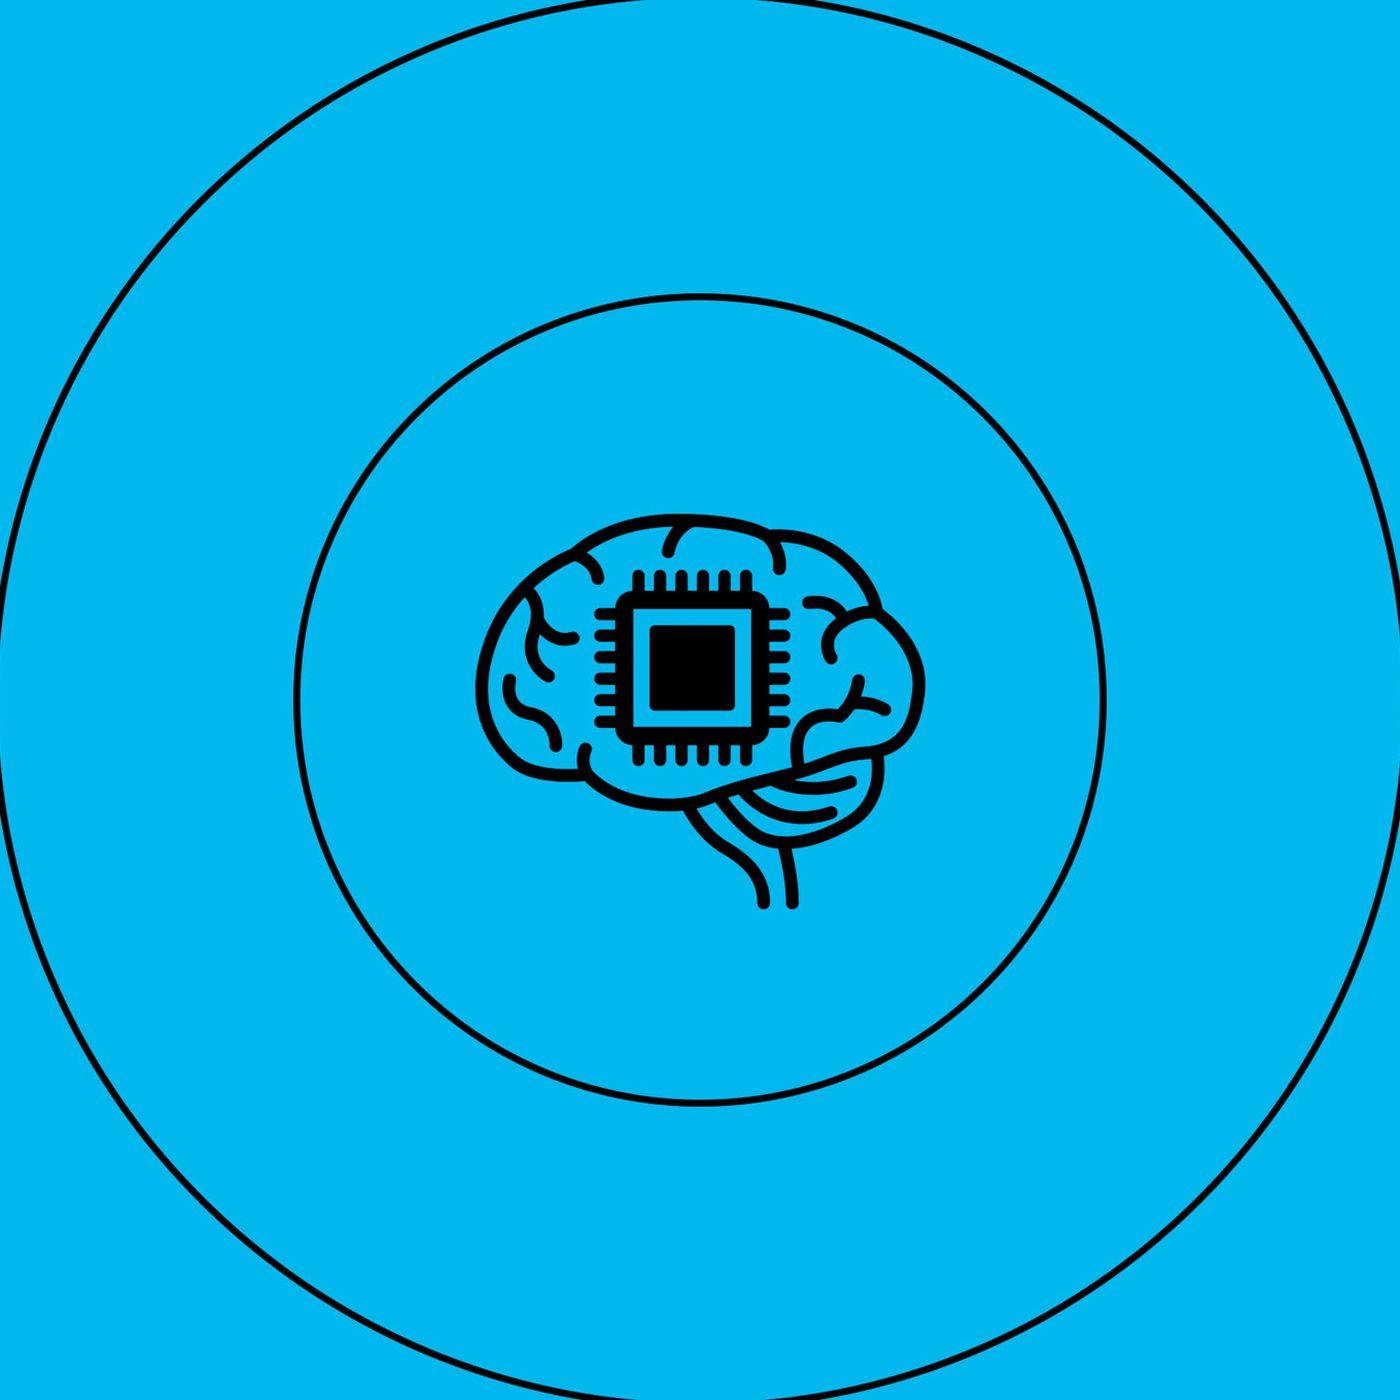 acastro_181017_1777_brain_ai_0002.jpg